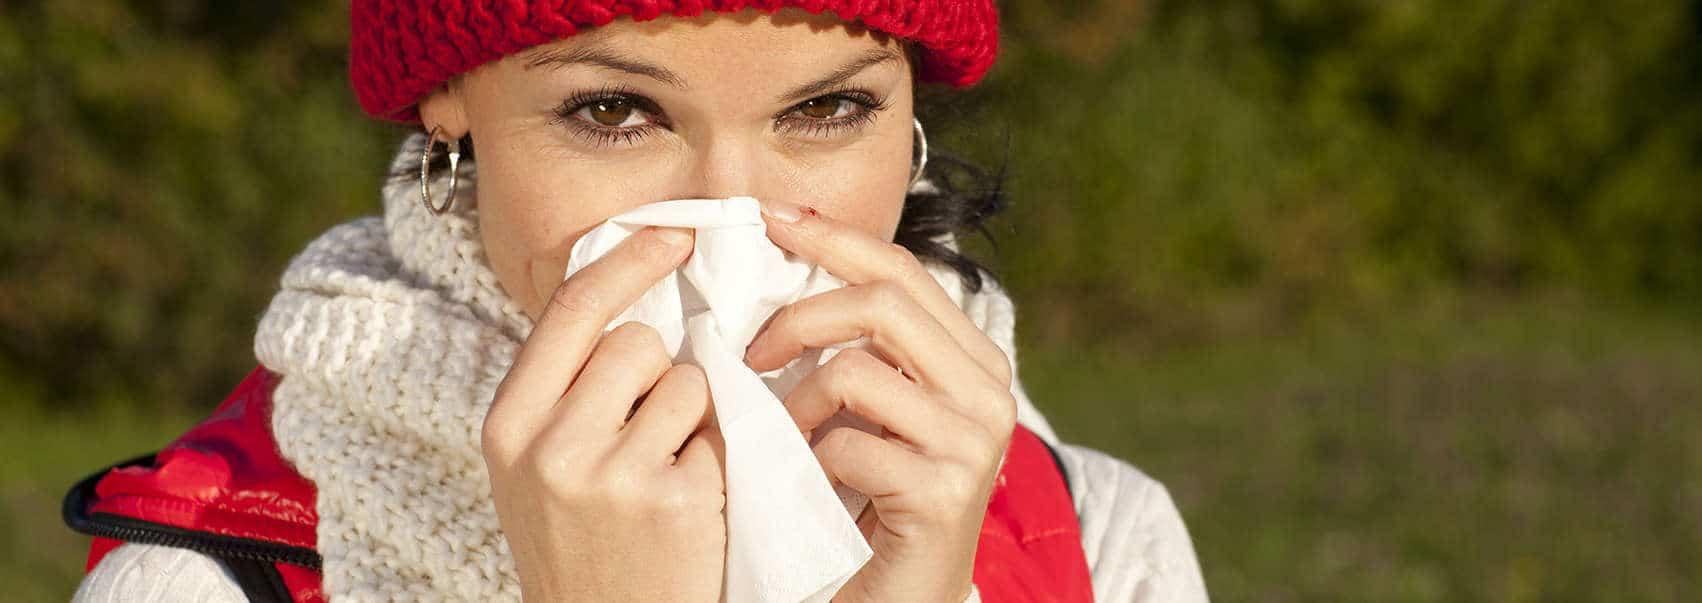 Renforcez votre résistance au coronavirus